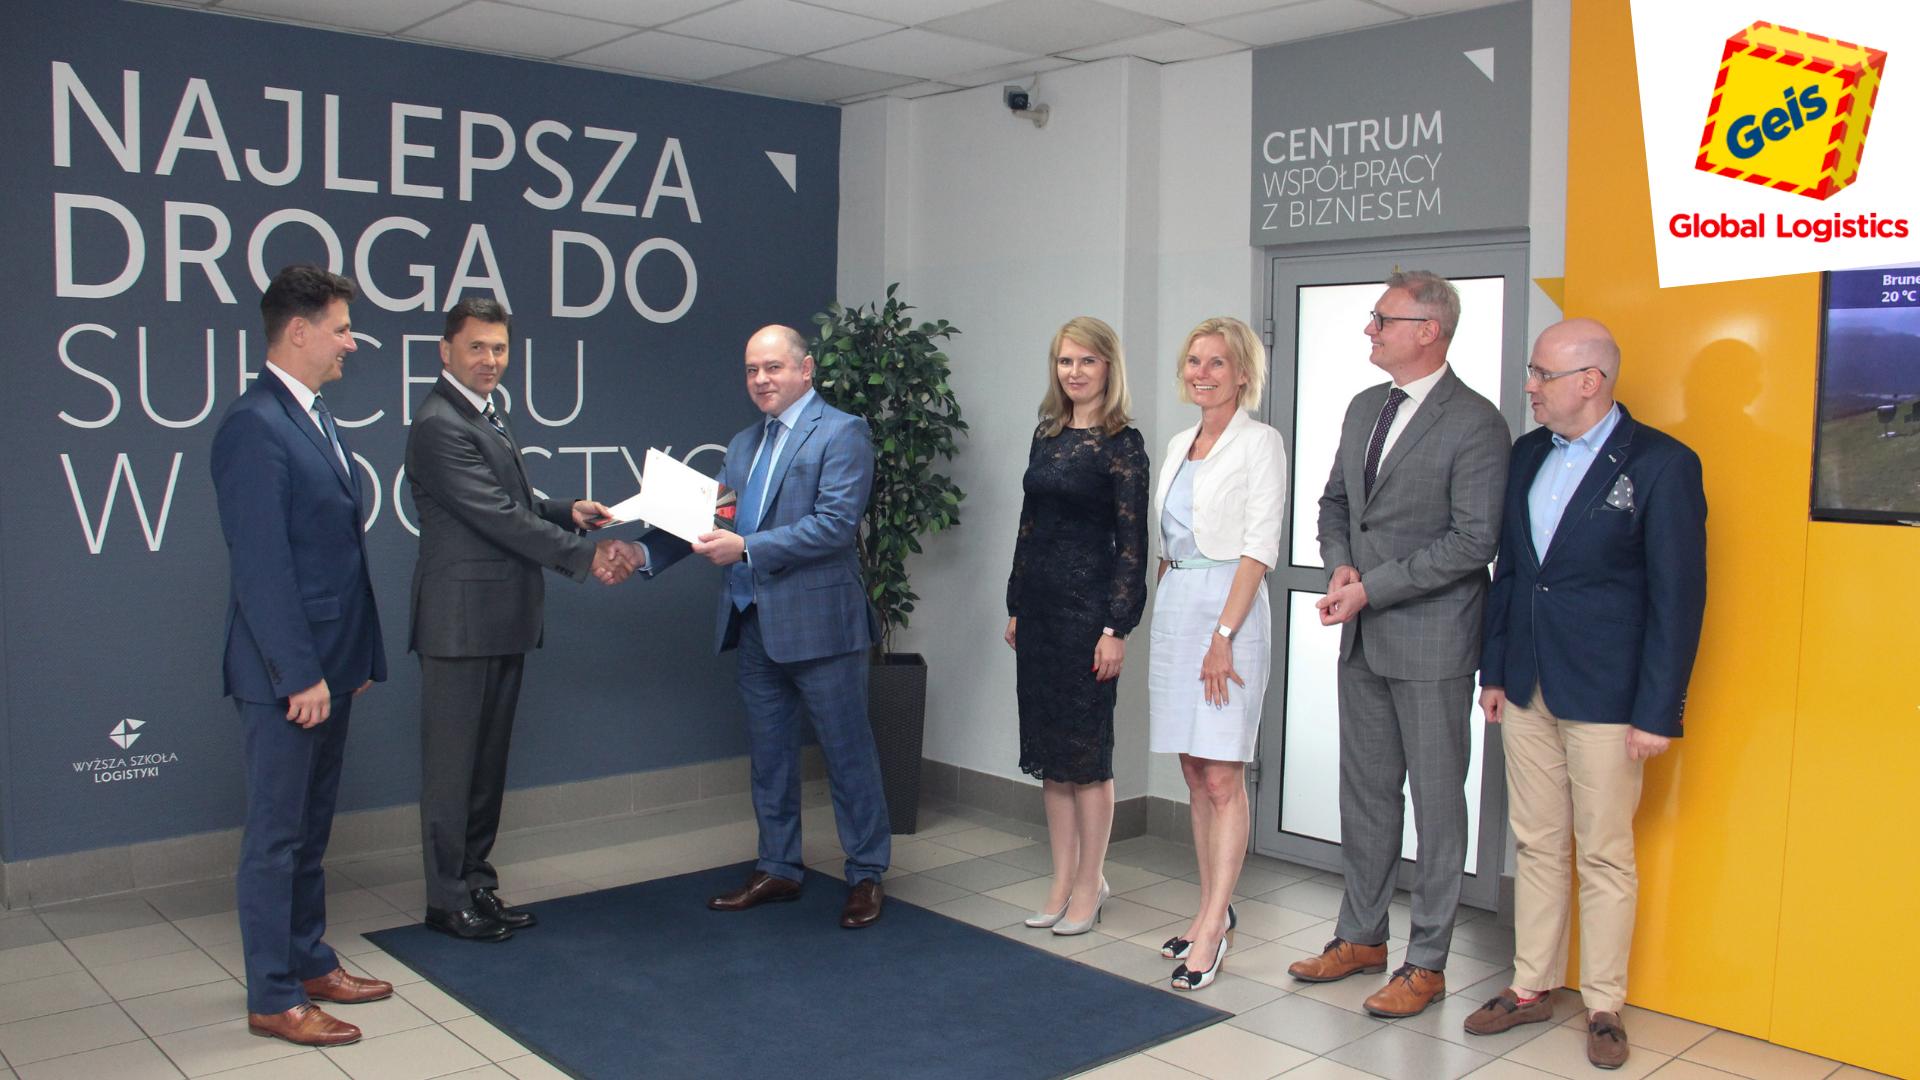 Geis PL w gronie Rady Pracodawców Wyższej Szkoły Logistyki w Poznaniu